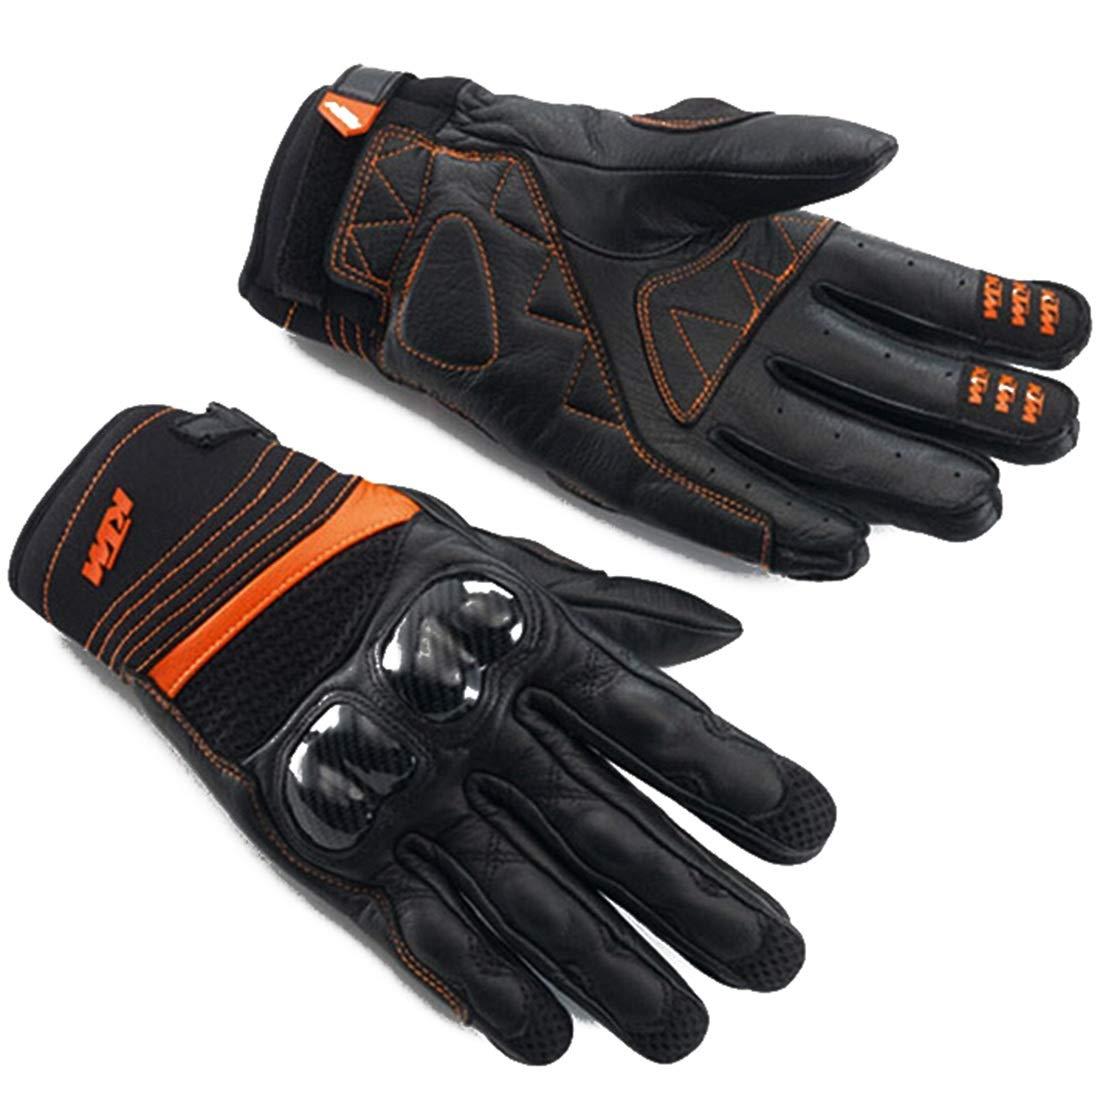 JESSIEKERVIN YY3 Radfahren volle Fingerhandschuhe für Das Motorradklettern Wandern Jagd Outdoor Sports Gear Handschuhe